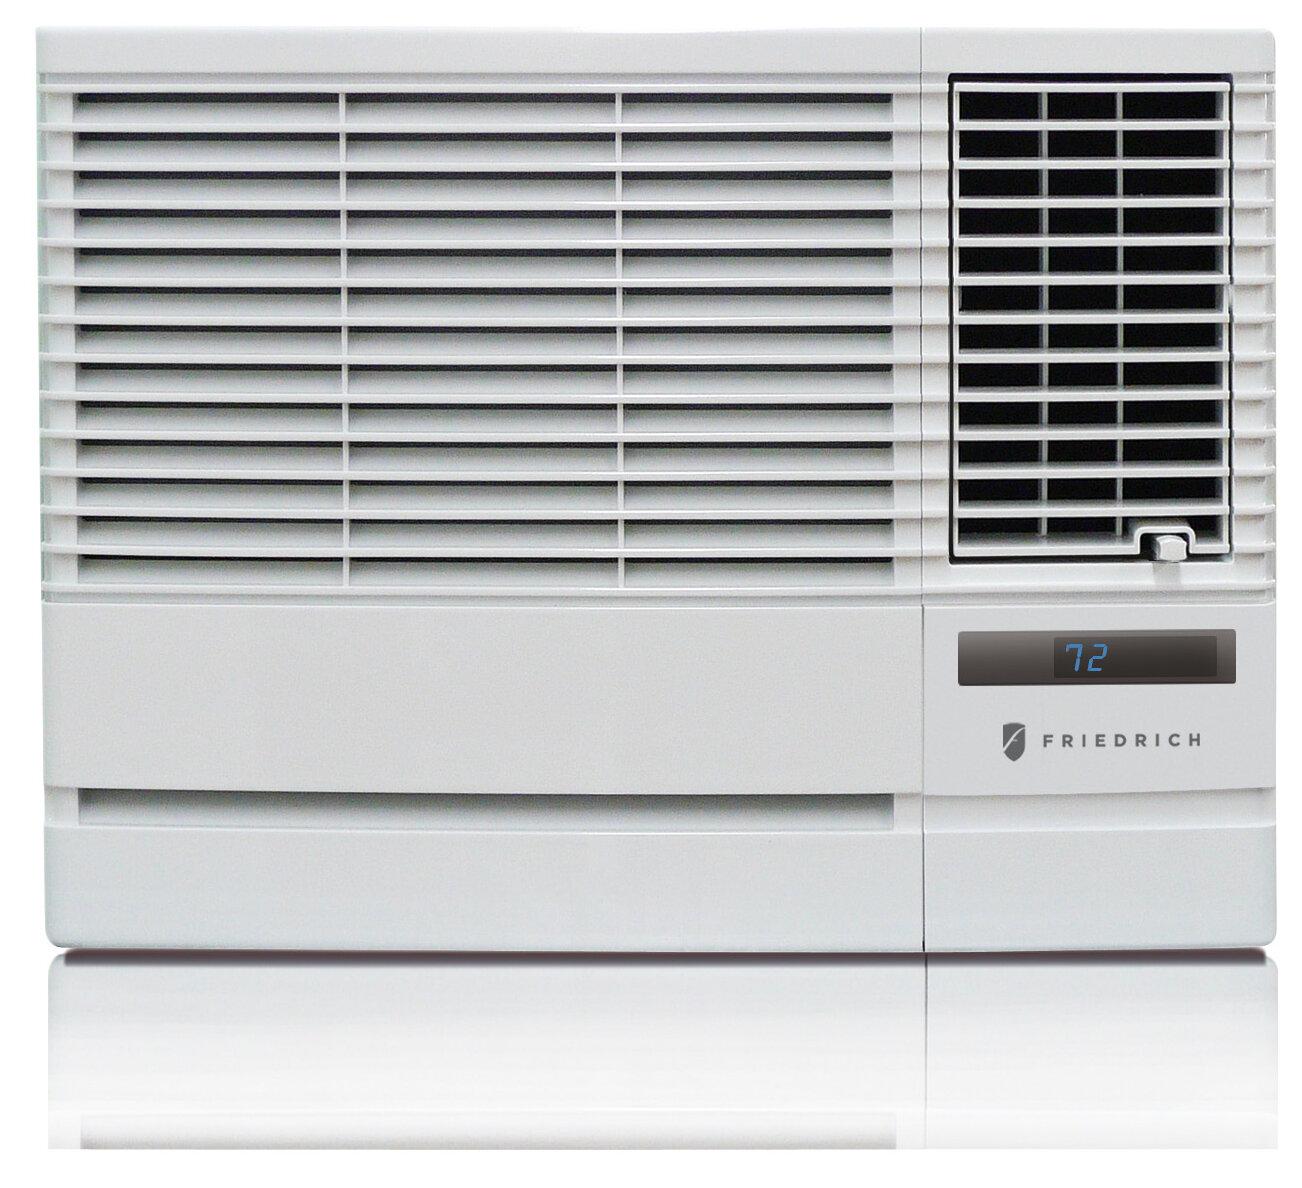 Friedrich chill 10 000 btu energy star window wall air for 120v window air conditioner